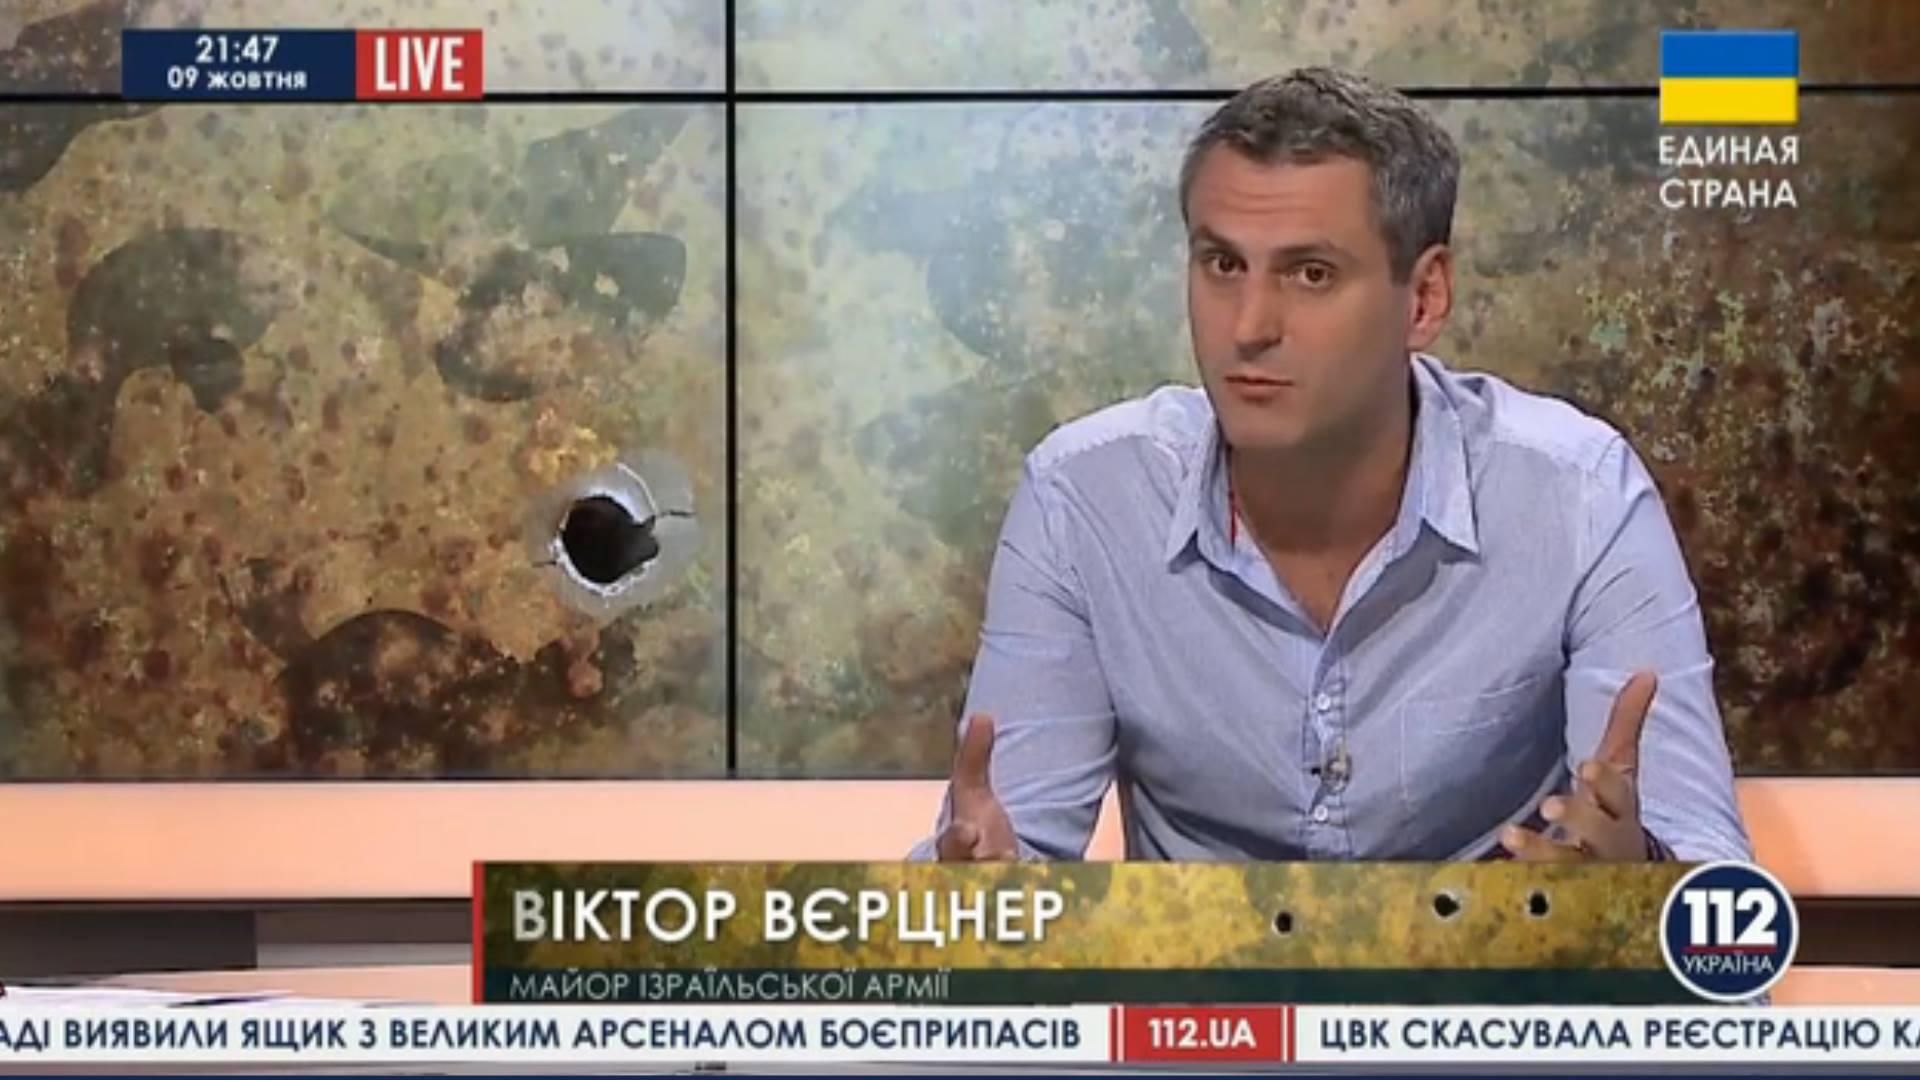 Картинки по запросу Майор израильской армии к Савченко: Я ж_д Надя, один из тех ж_дов, которые вышли за тебя на митинг в Тель Авиве